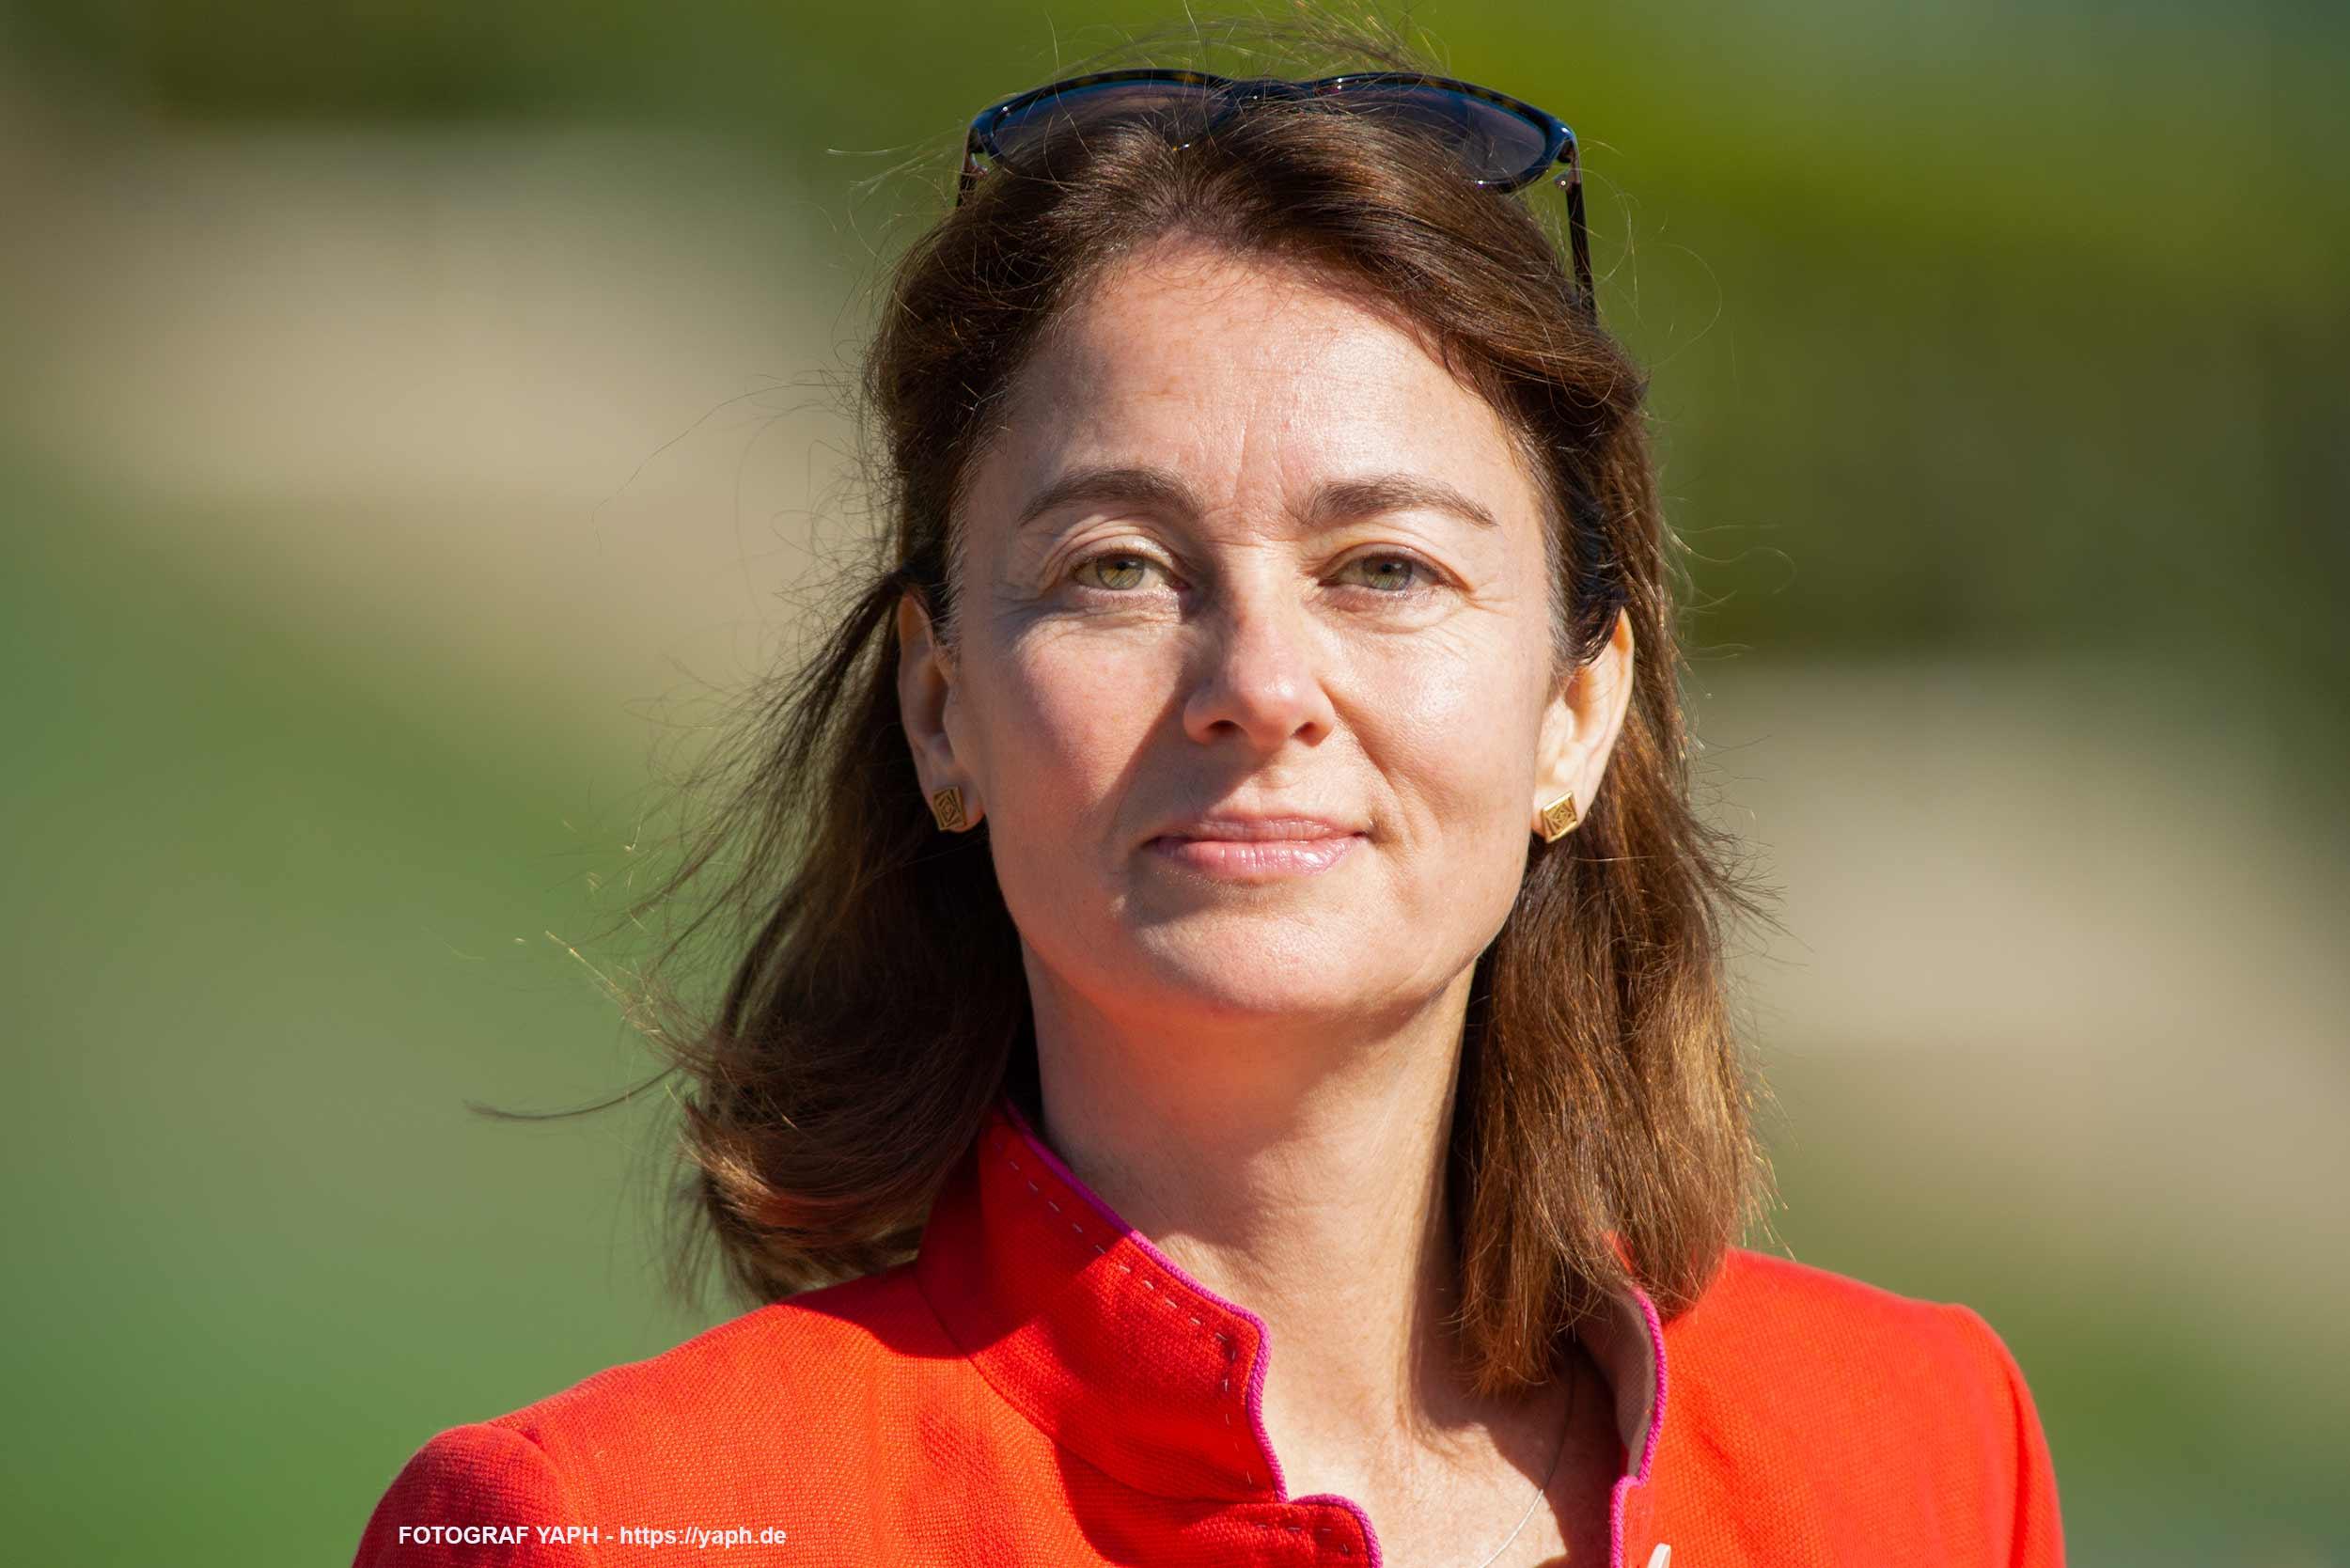 Katarina Barley, Abgeordnete des neunten Europäischen Parlaments und dessen Vizepräsidentin - Porträtfoto bei Yaph - Fotograf in Trier.